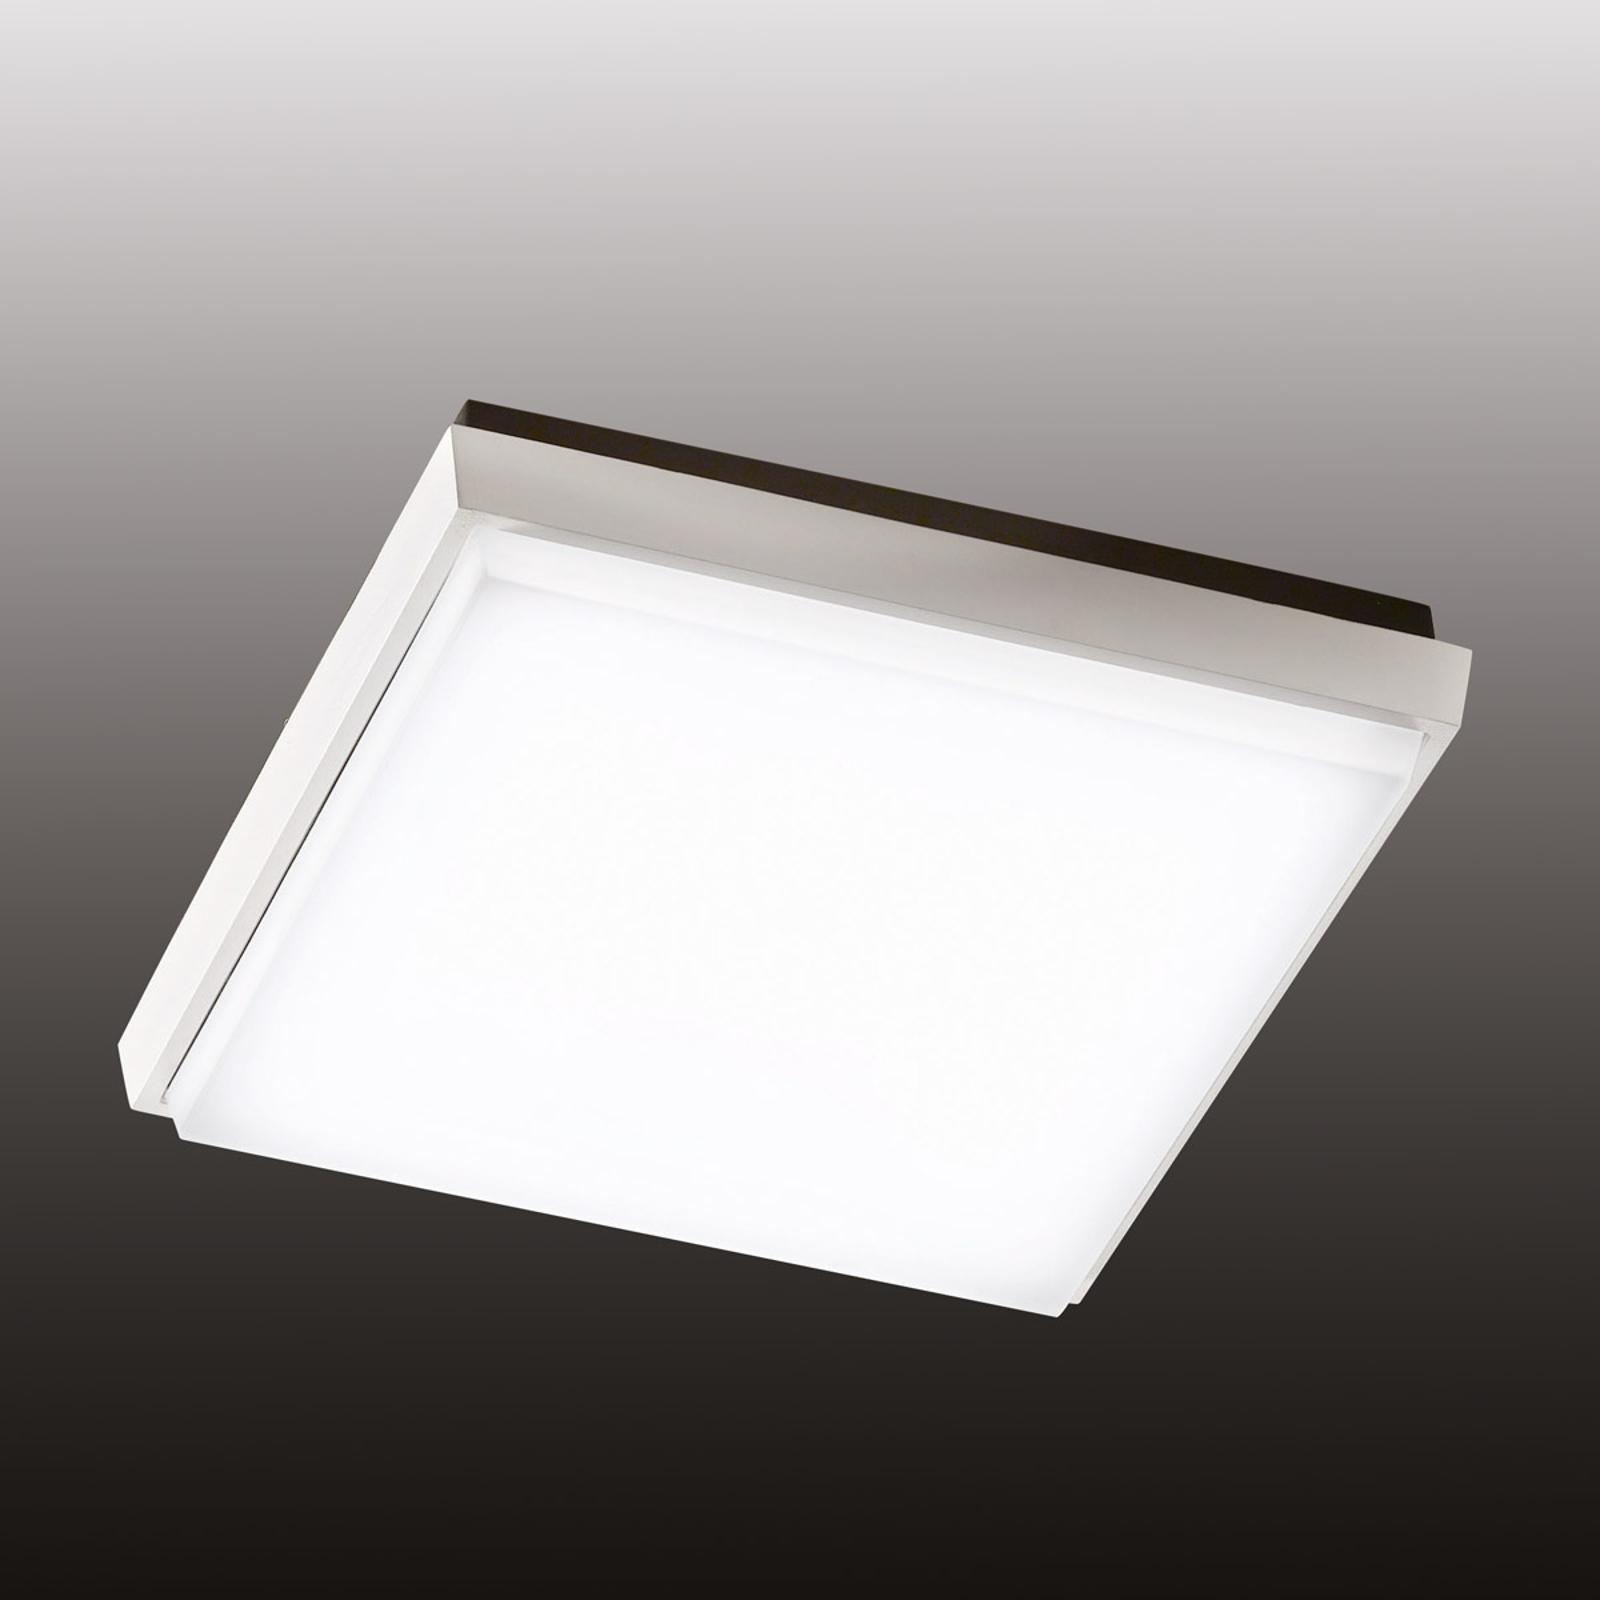 Plafoniera LED da esterni Desdy, quadrata